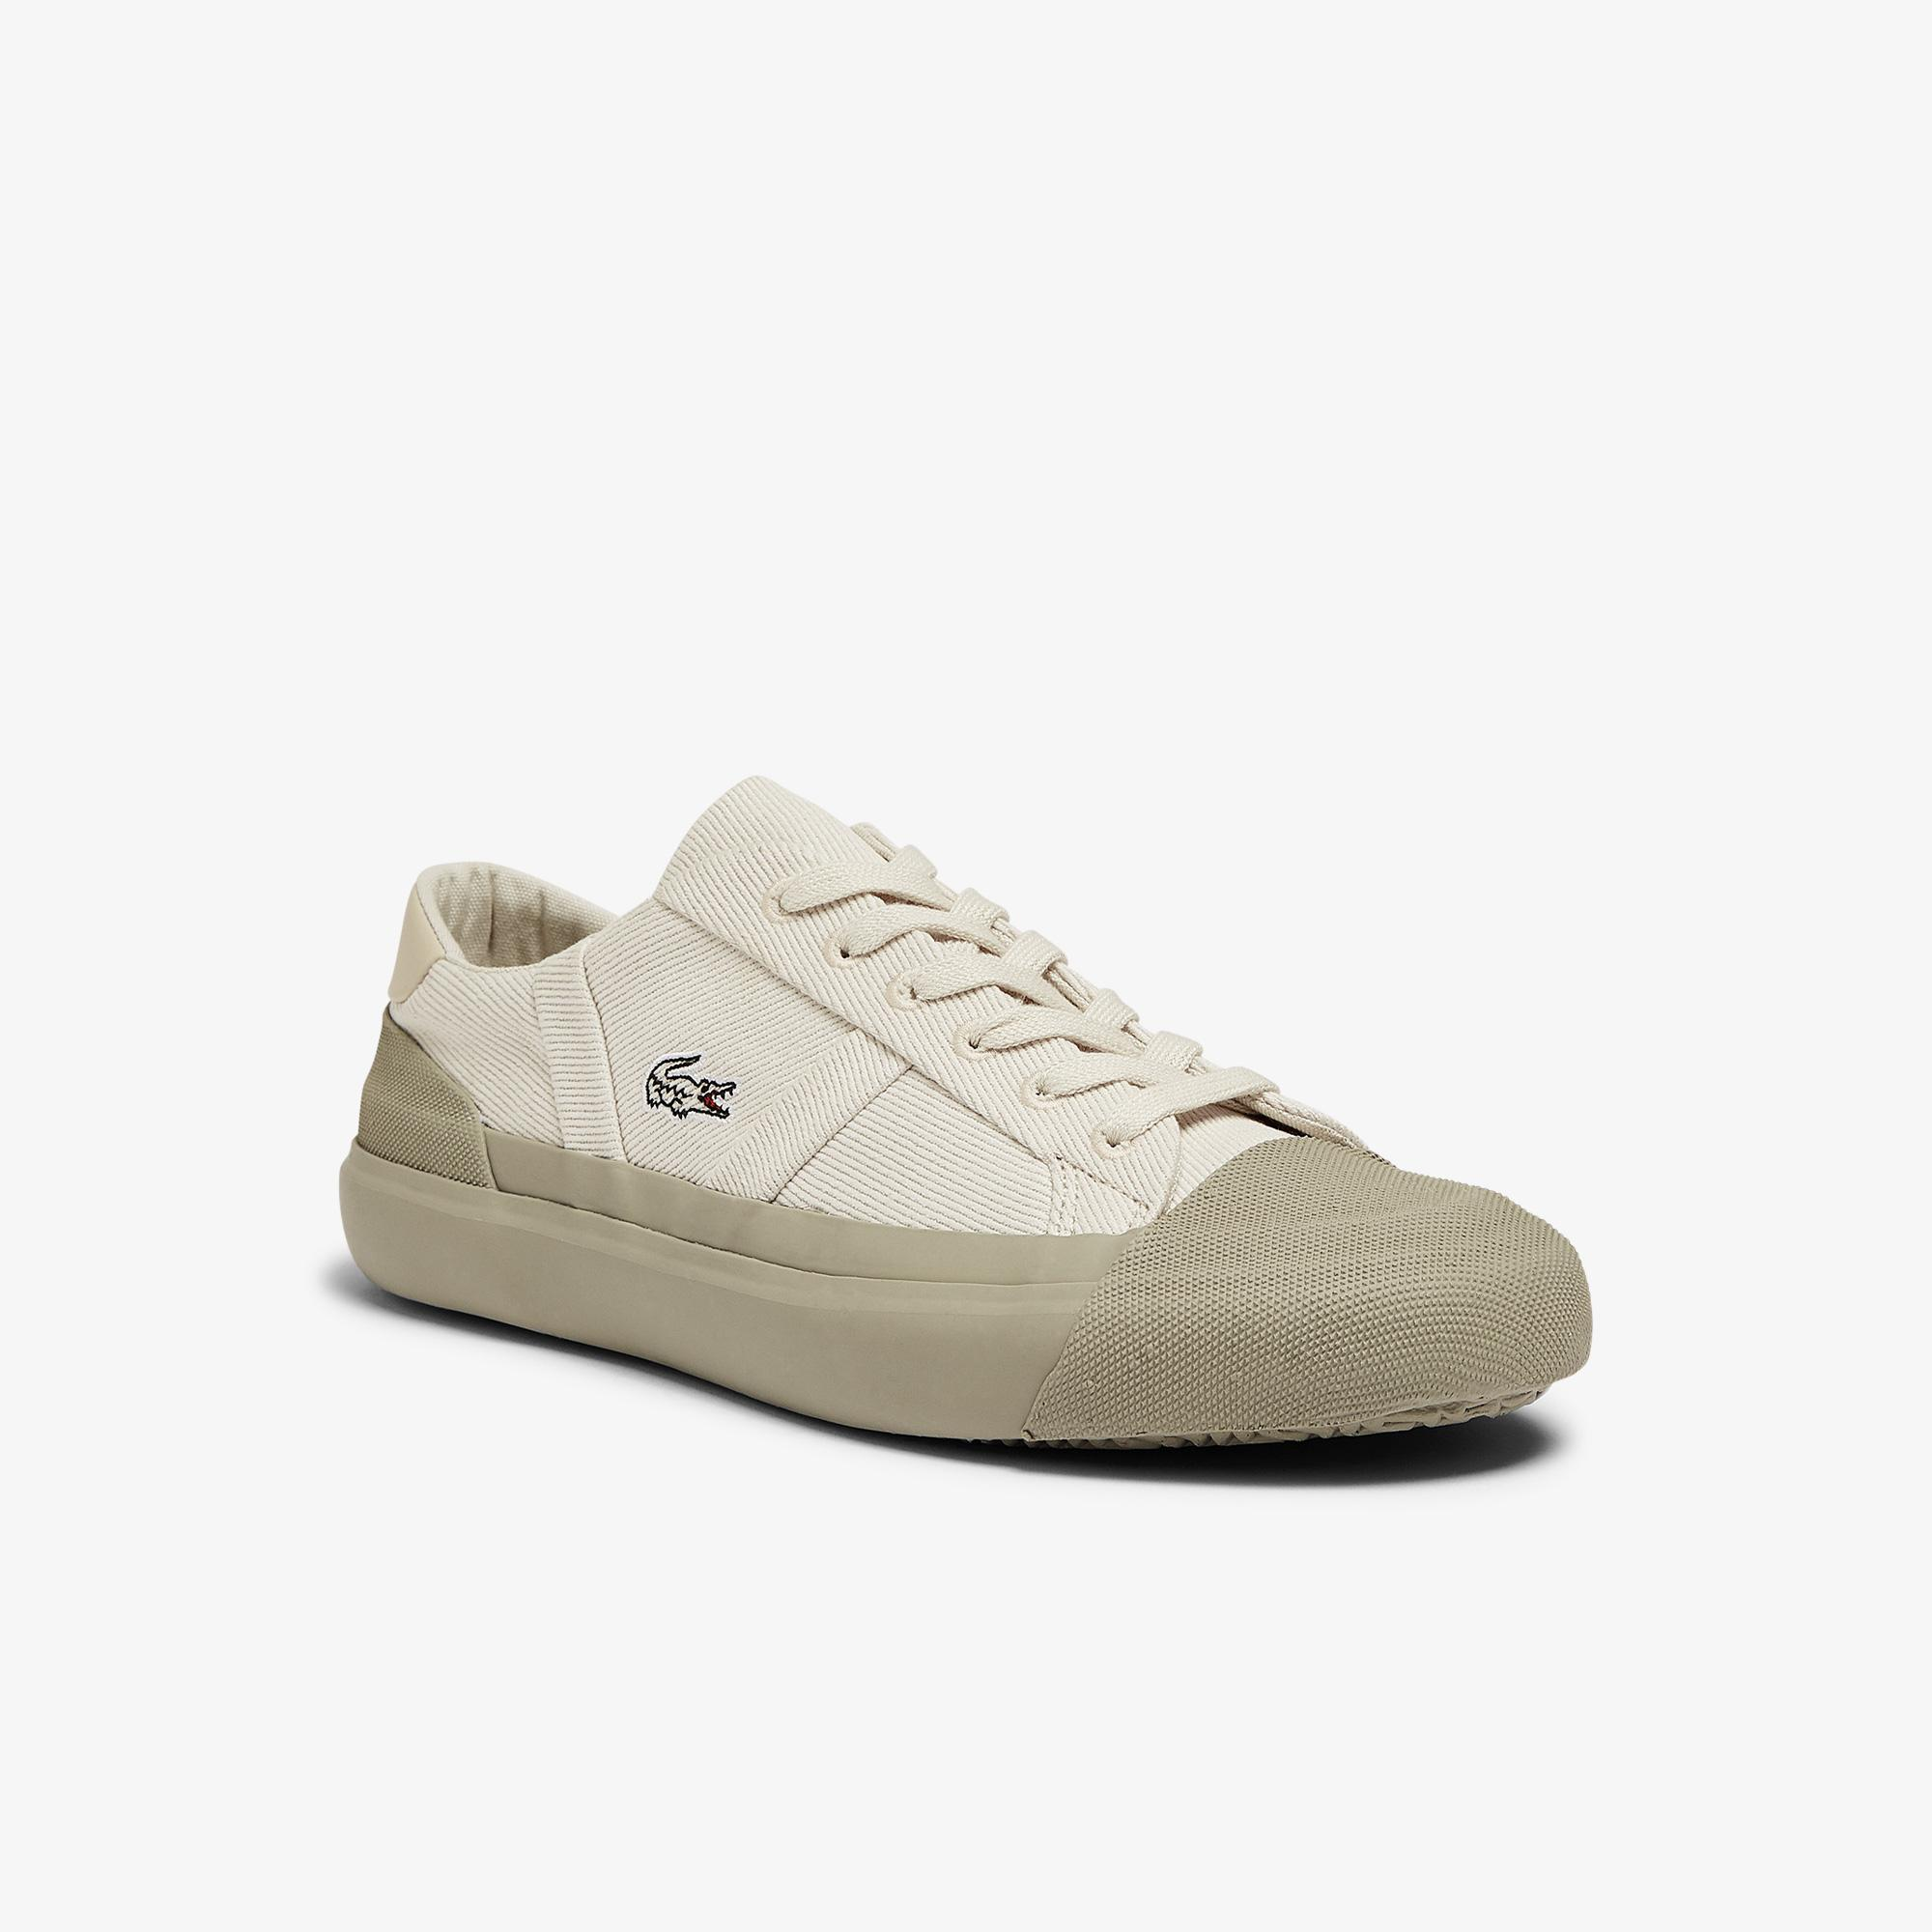 Lacoste Sideline 0921 1 Cfa Kadın Bej Sneaker